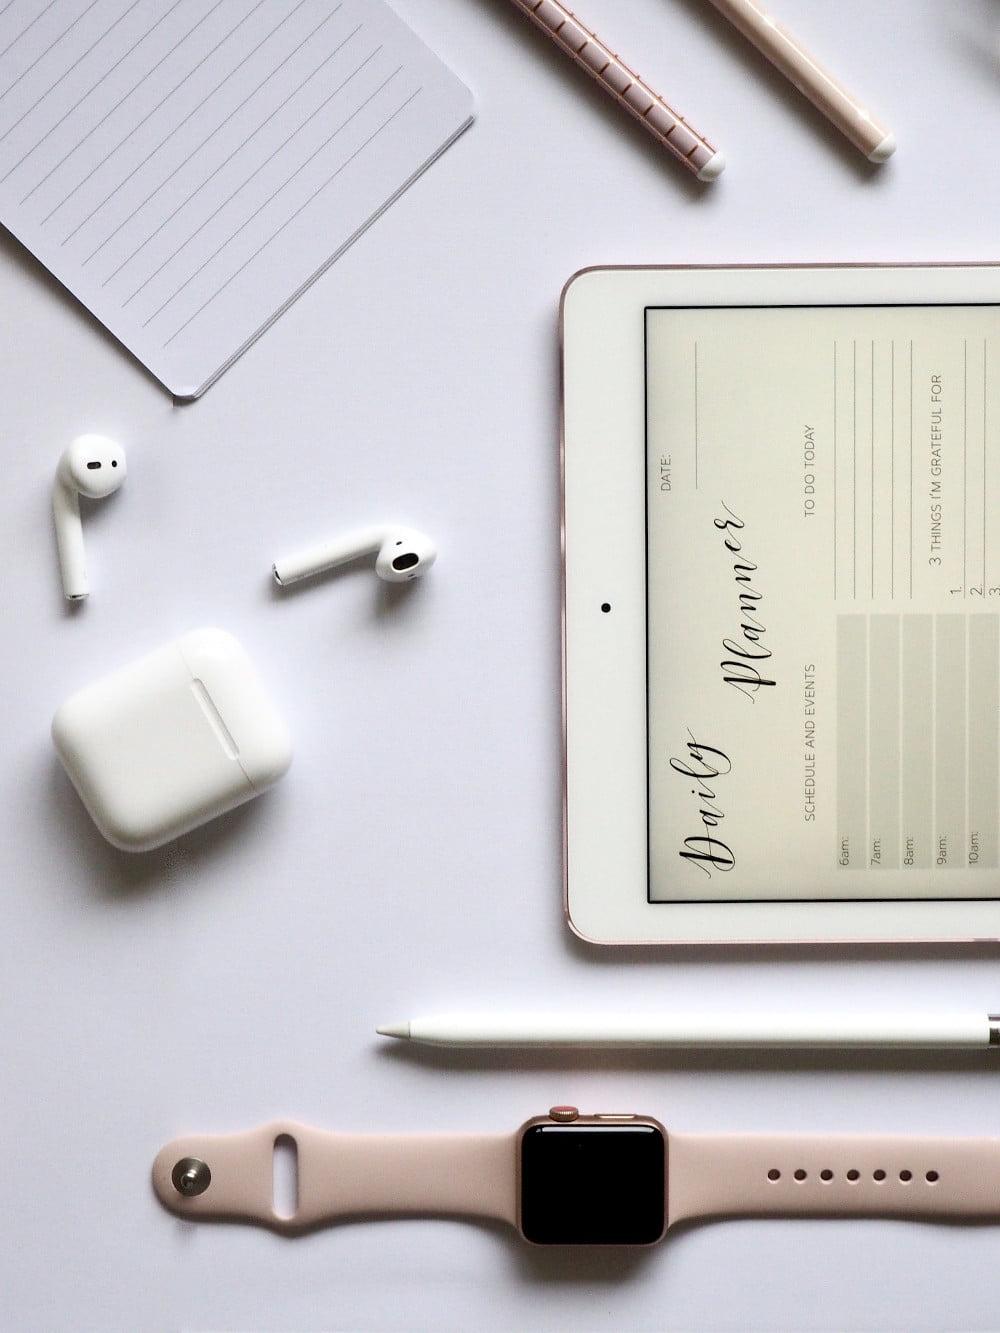 Akcesoria do urządzeń Apple.